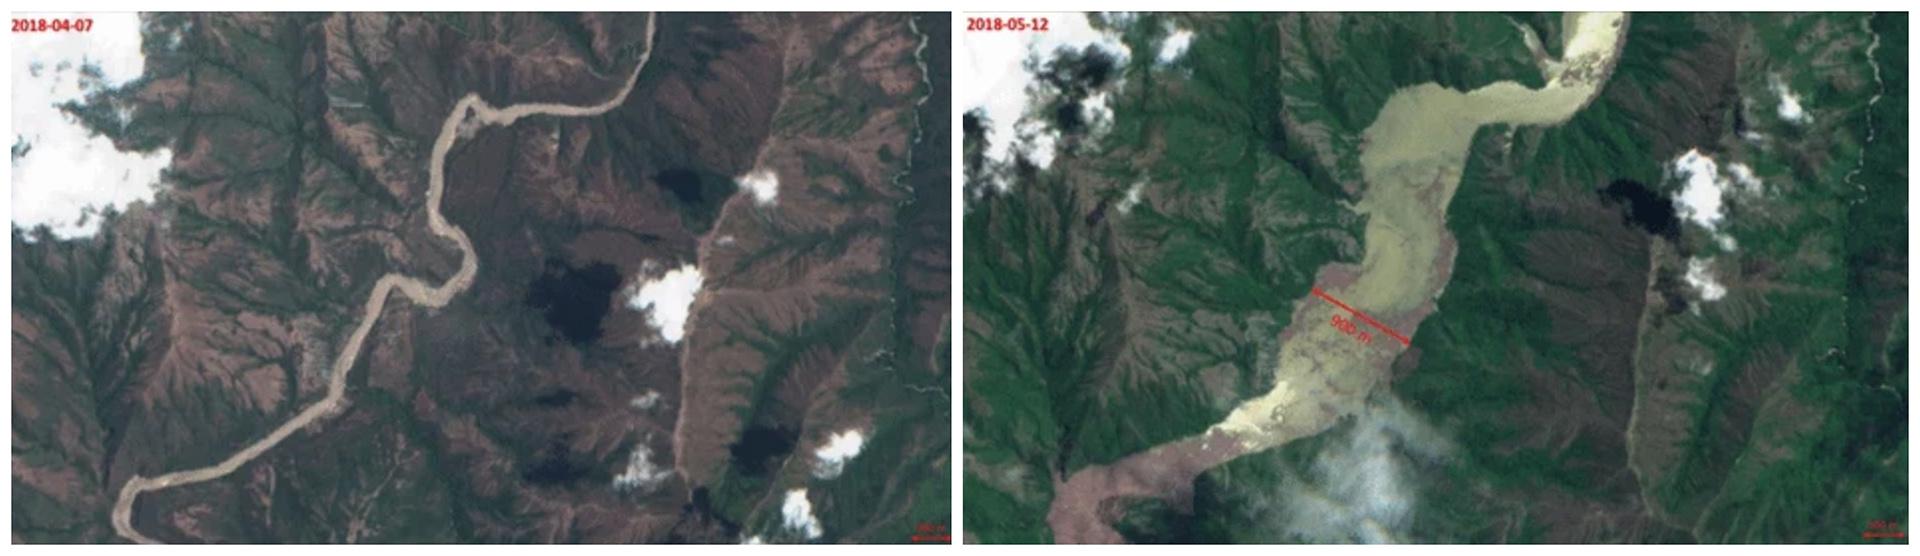 Imágen satelital del incremento del río Cauca que inundó parte de los municipios de Briceño, Sabanalarga y Toledo.